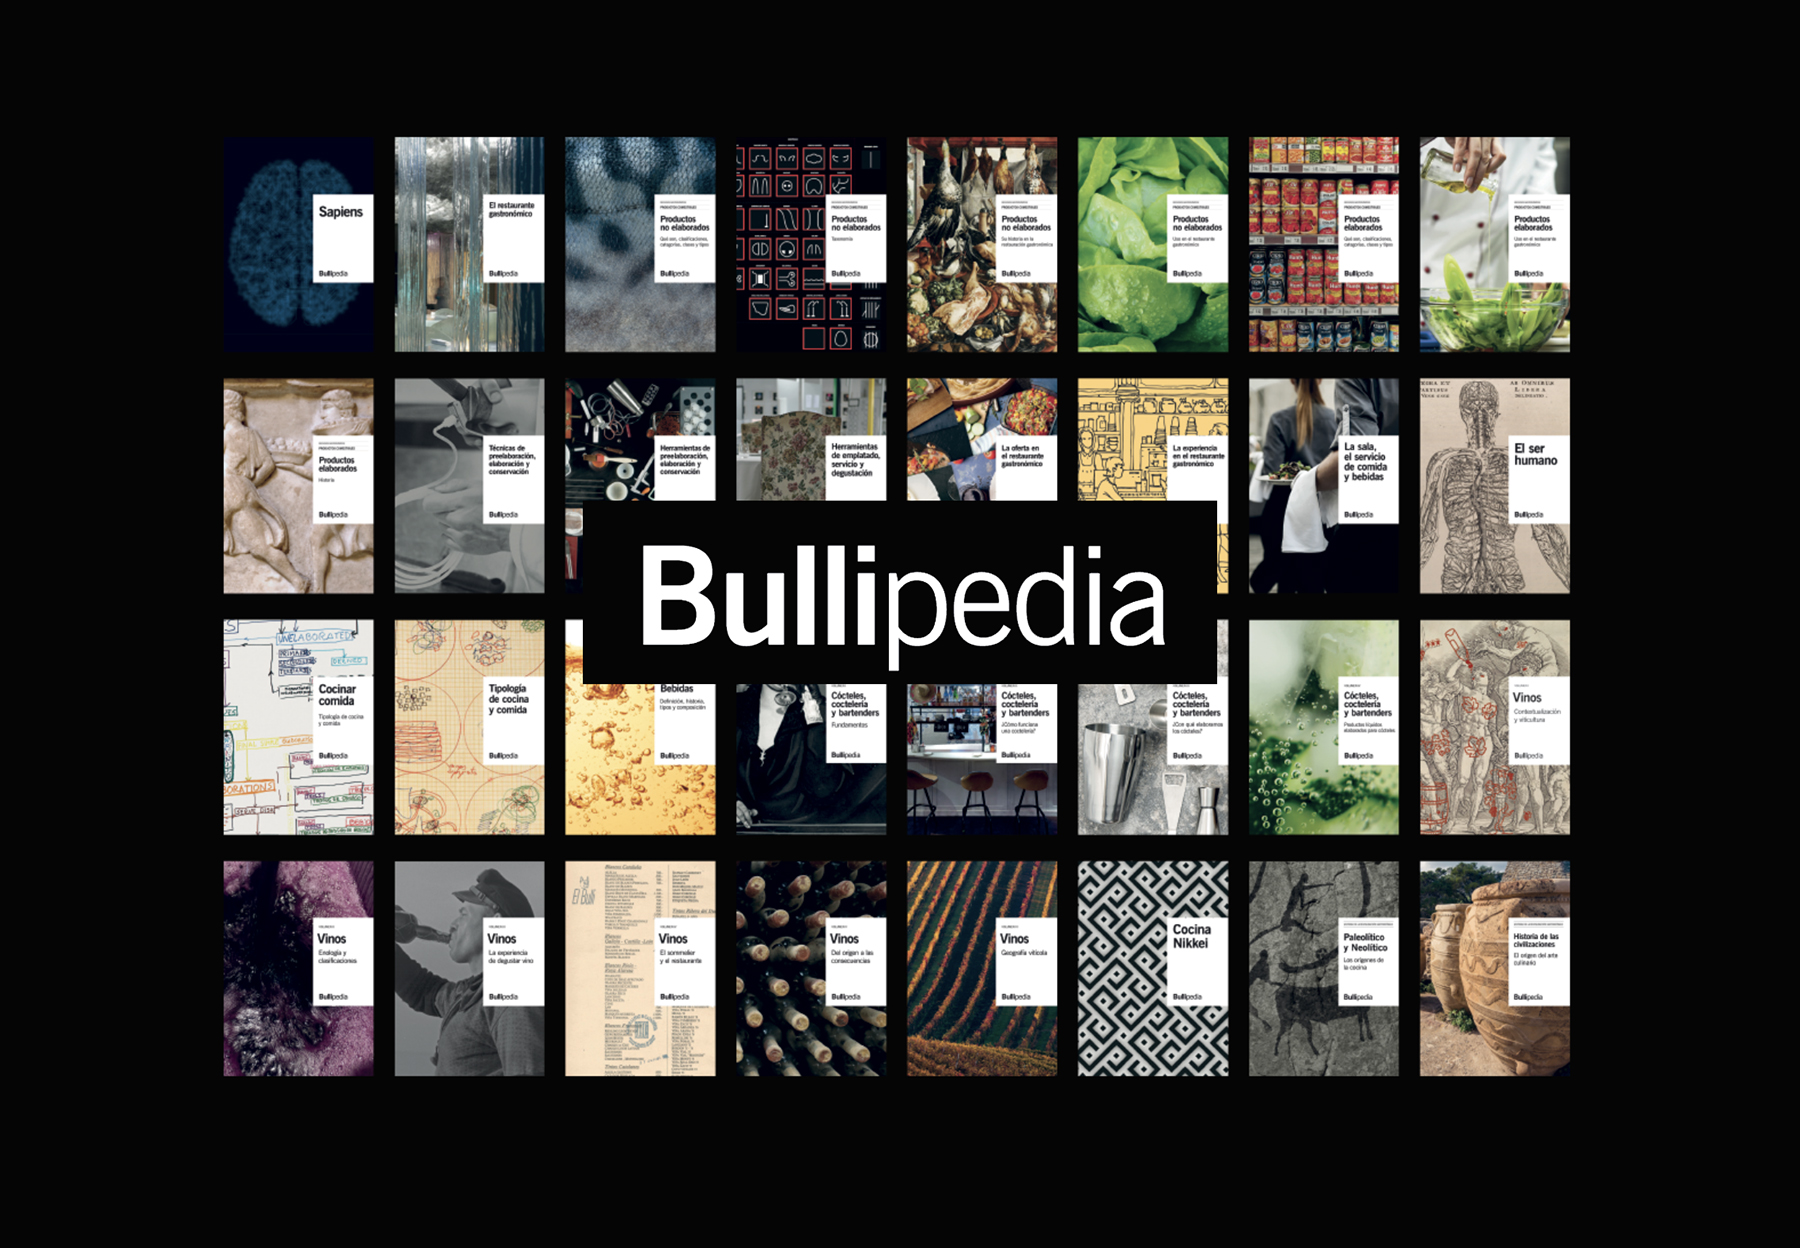 Bullipedia